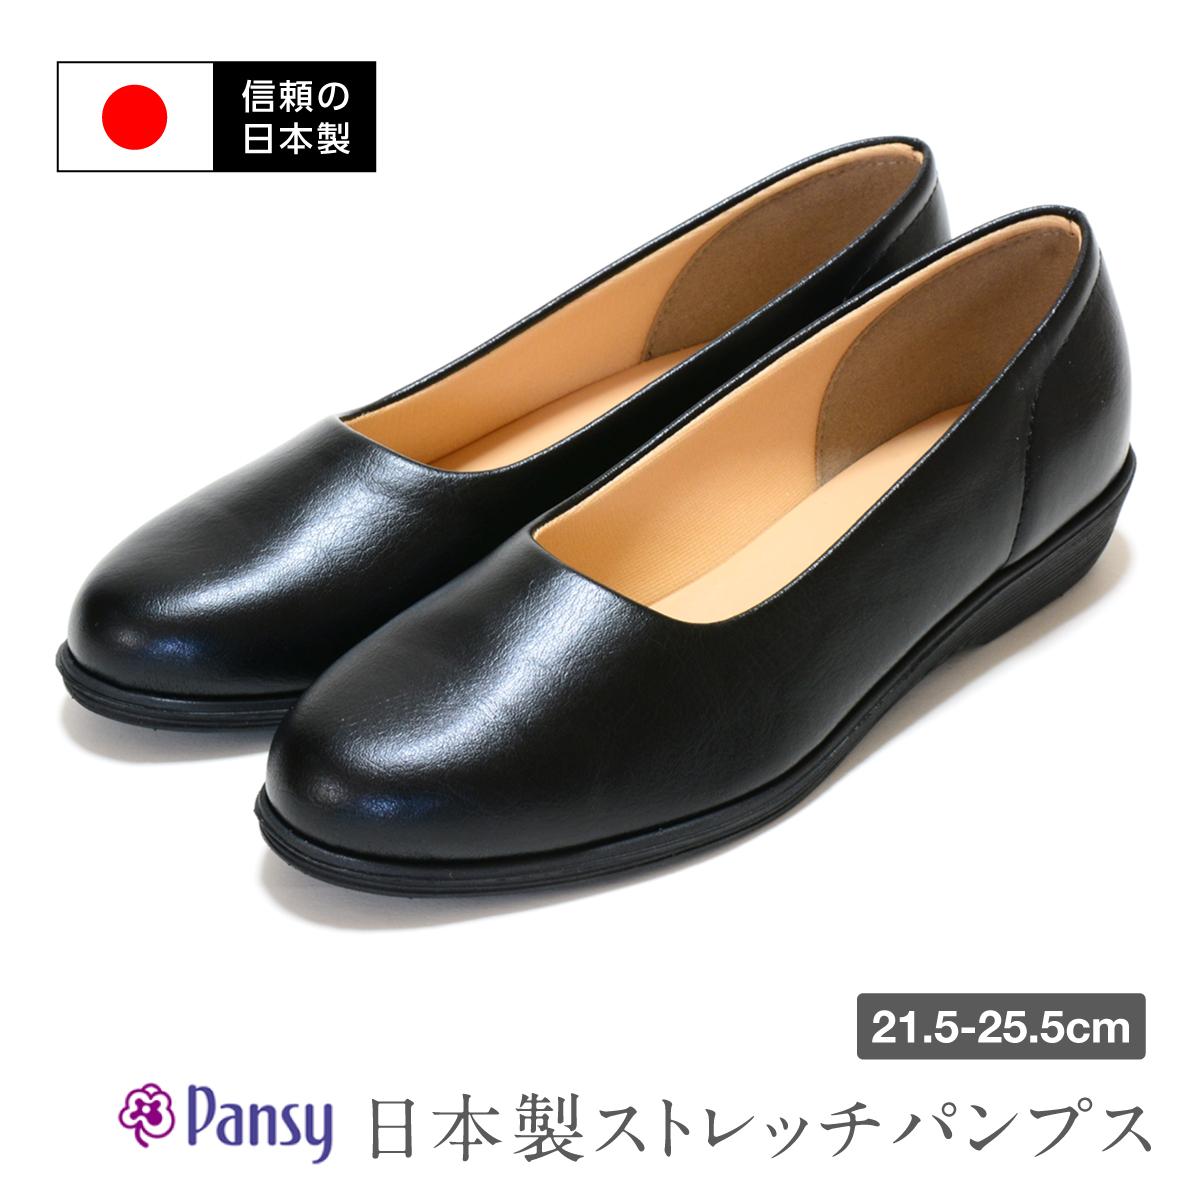 [正規販売店] 信頼の日本製 送料無料 足に優しいストレッチ合皮のオフィスシューズ オフィスや通勤はもちろん フォーマルなシーンでも使える楽ちんシューズです Pansy パンジーストレッチパンプス オフィスパンプス 黒 3cmヒール 21.5~25.5cm リクルート スーツ Ark-Shoes 仕事用 外反母趾 冠婚葬祭 就活 アークシューズ 痛くない 男女兼用 フラット